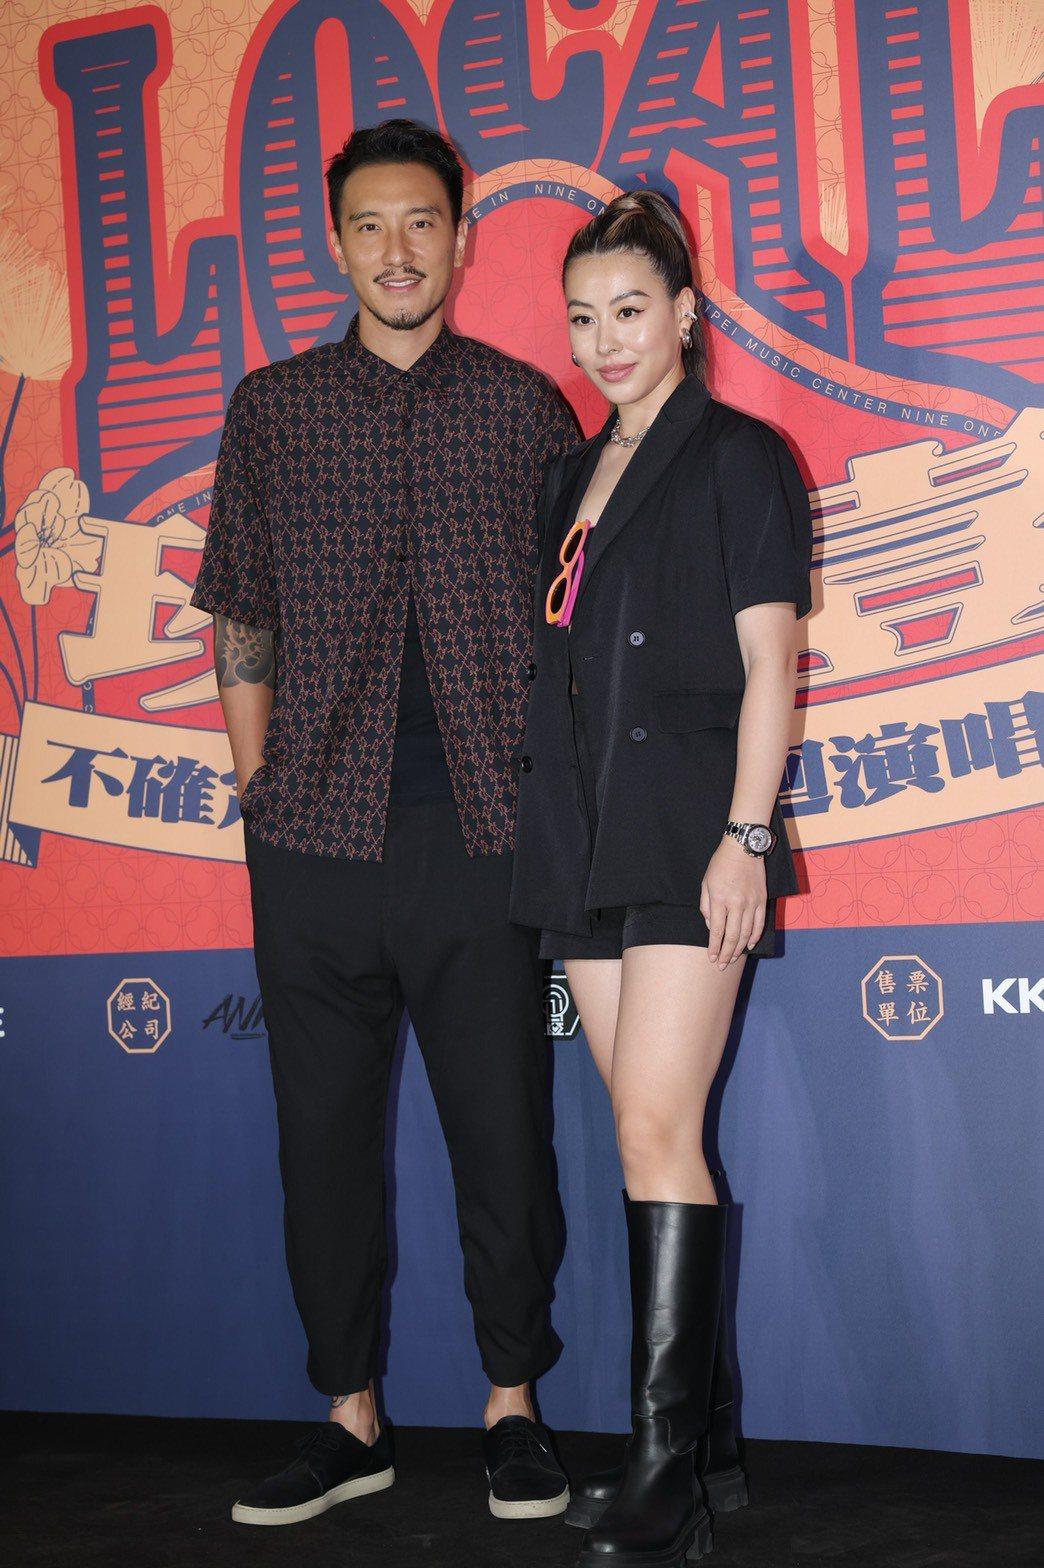 王陽明(左)、蔡詩芸夫婦力挺玖壹壹。記者李政龍/攝影